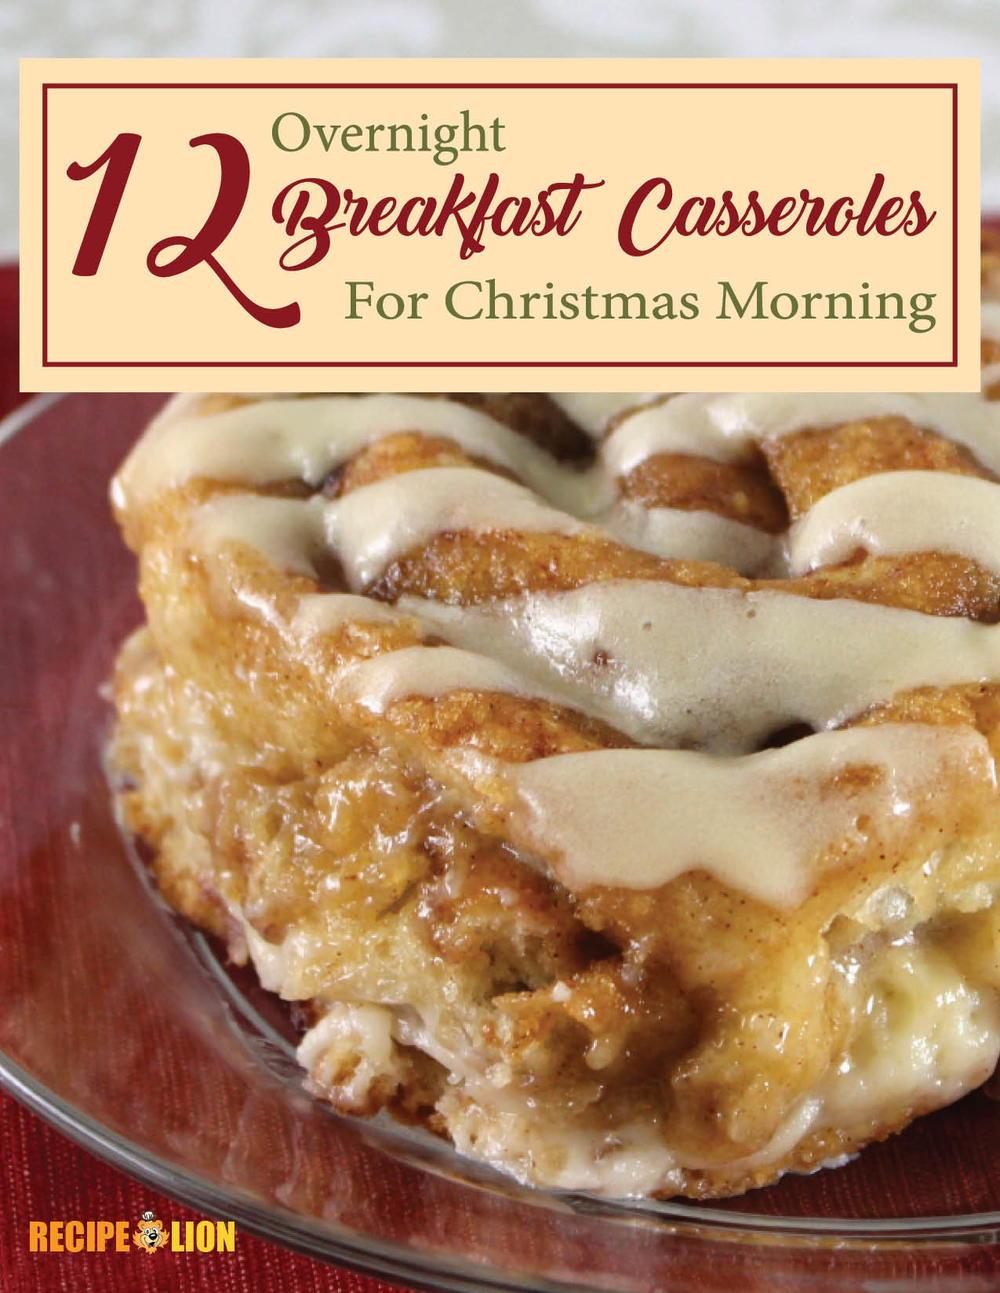 12 overnight breakfast casseroles for christmas morning ecookbook recipelioncom - Christmas Casserole Recipes